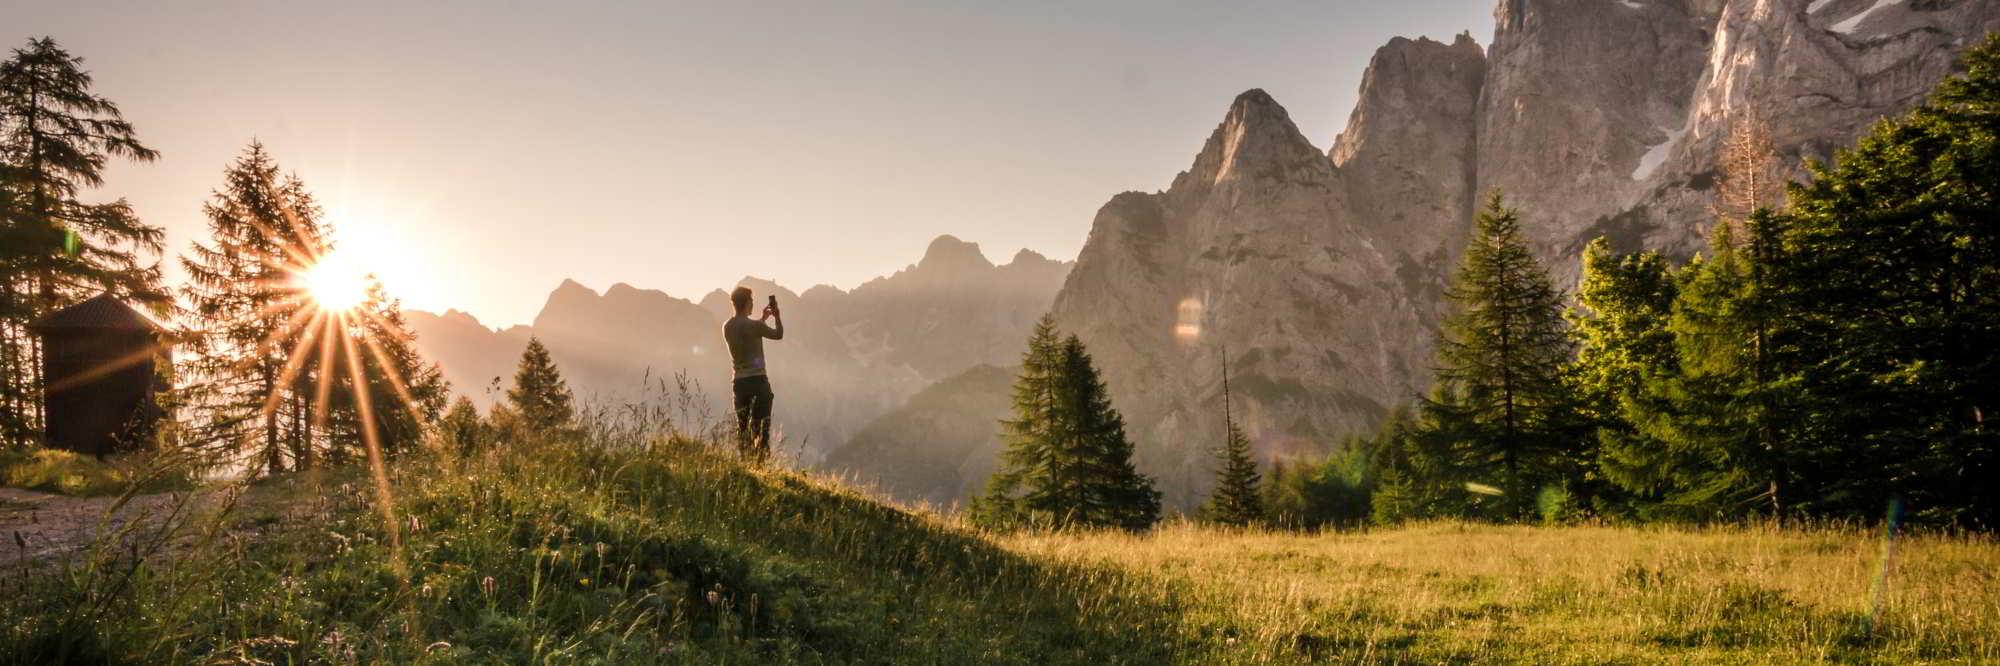 headerfoto mountain trail